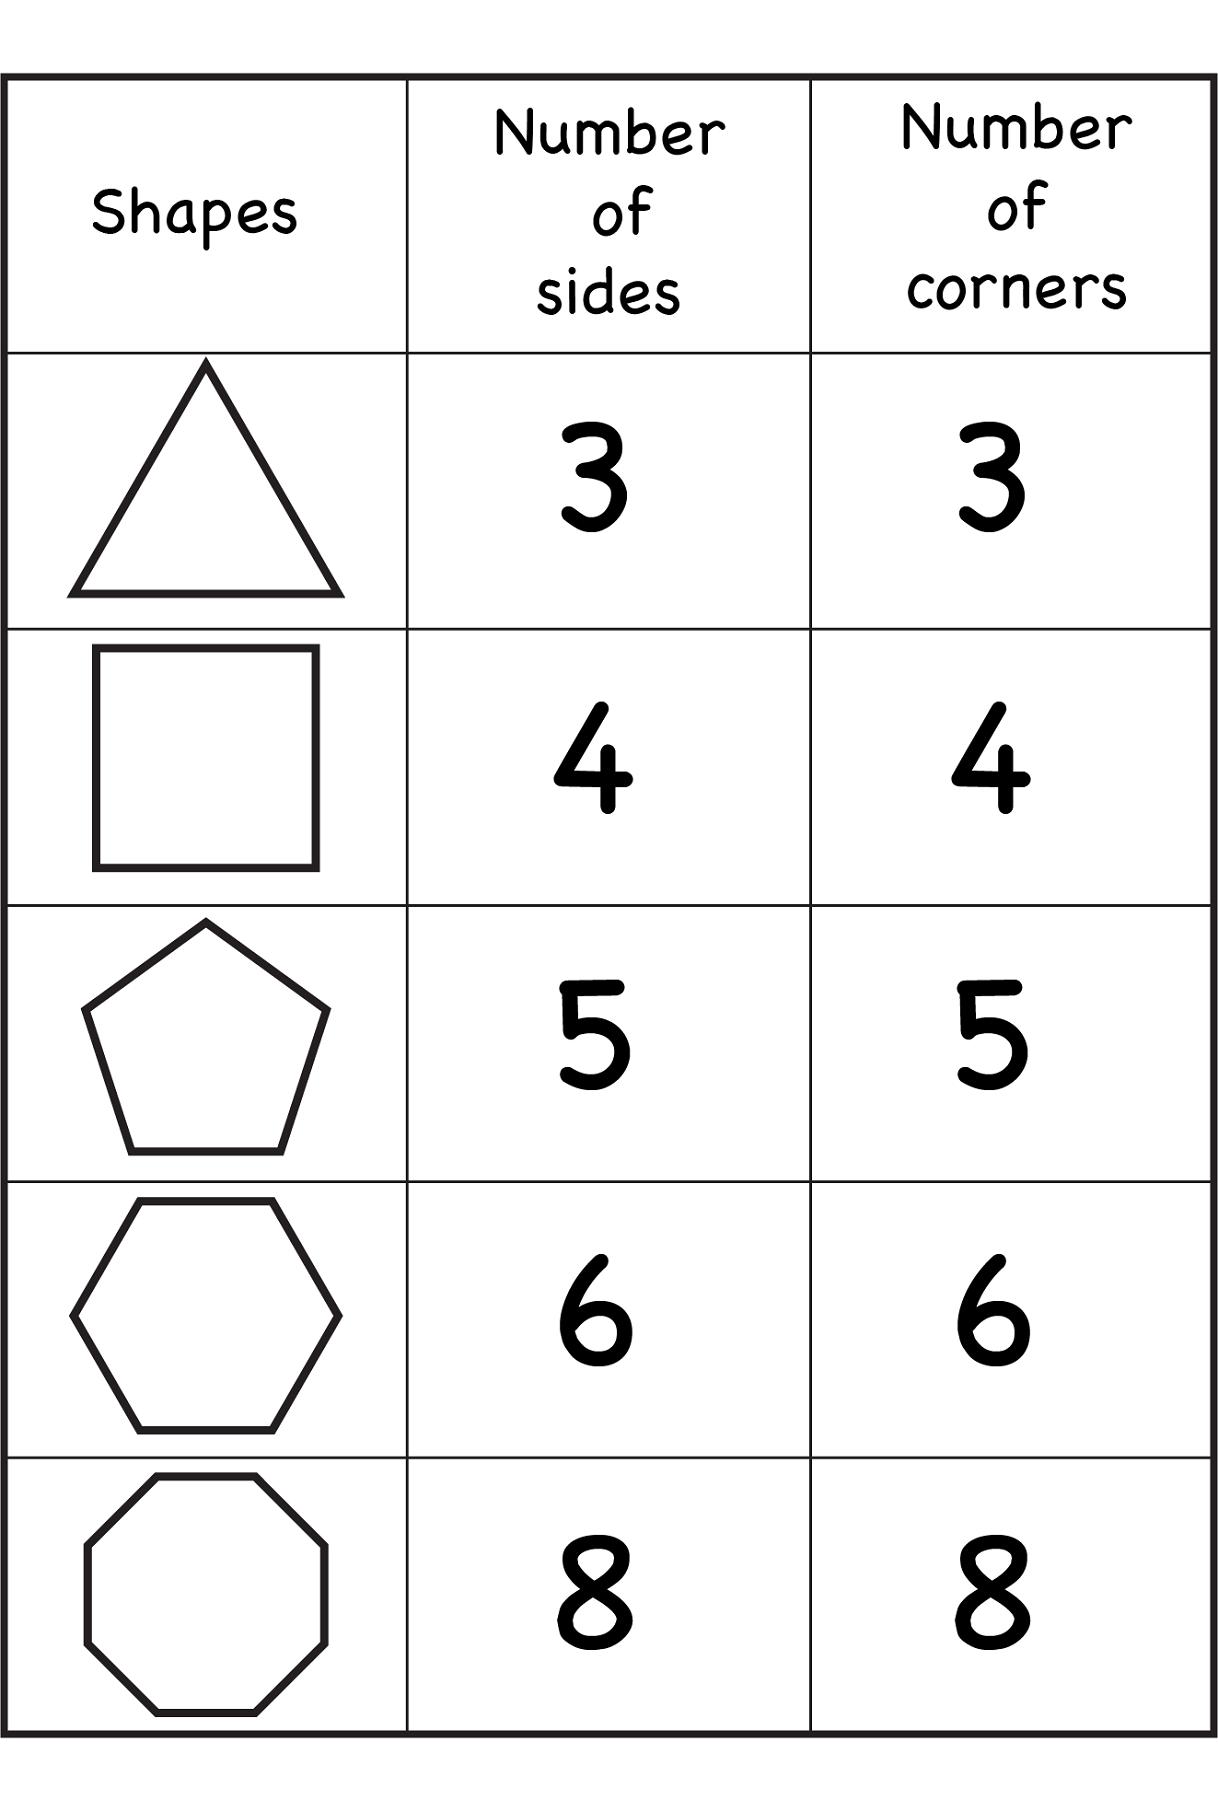 shapes and numbers worksheets for kids free kindergarten. Black Bedroom Furniture Sets. Home Design Ideas